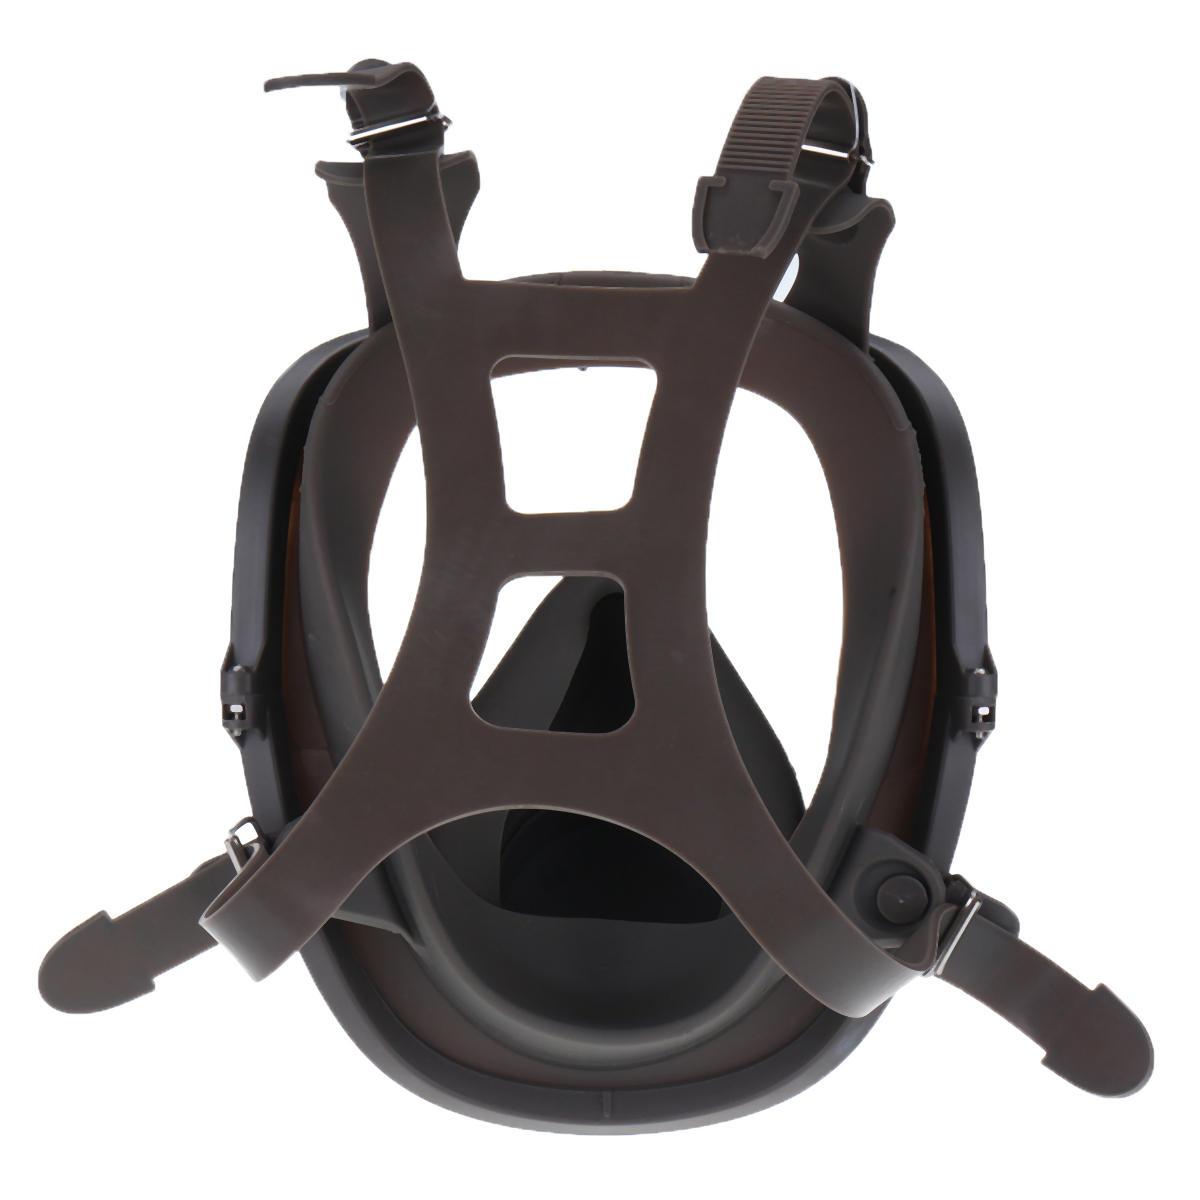 3 en 1 costume peinture pulvérisation similaire pour Silicone visage complet masque respiratoire réutilisable 6800 gaz masque de protection - 5